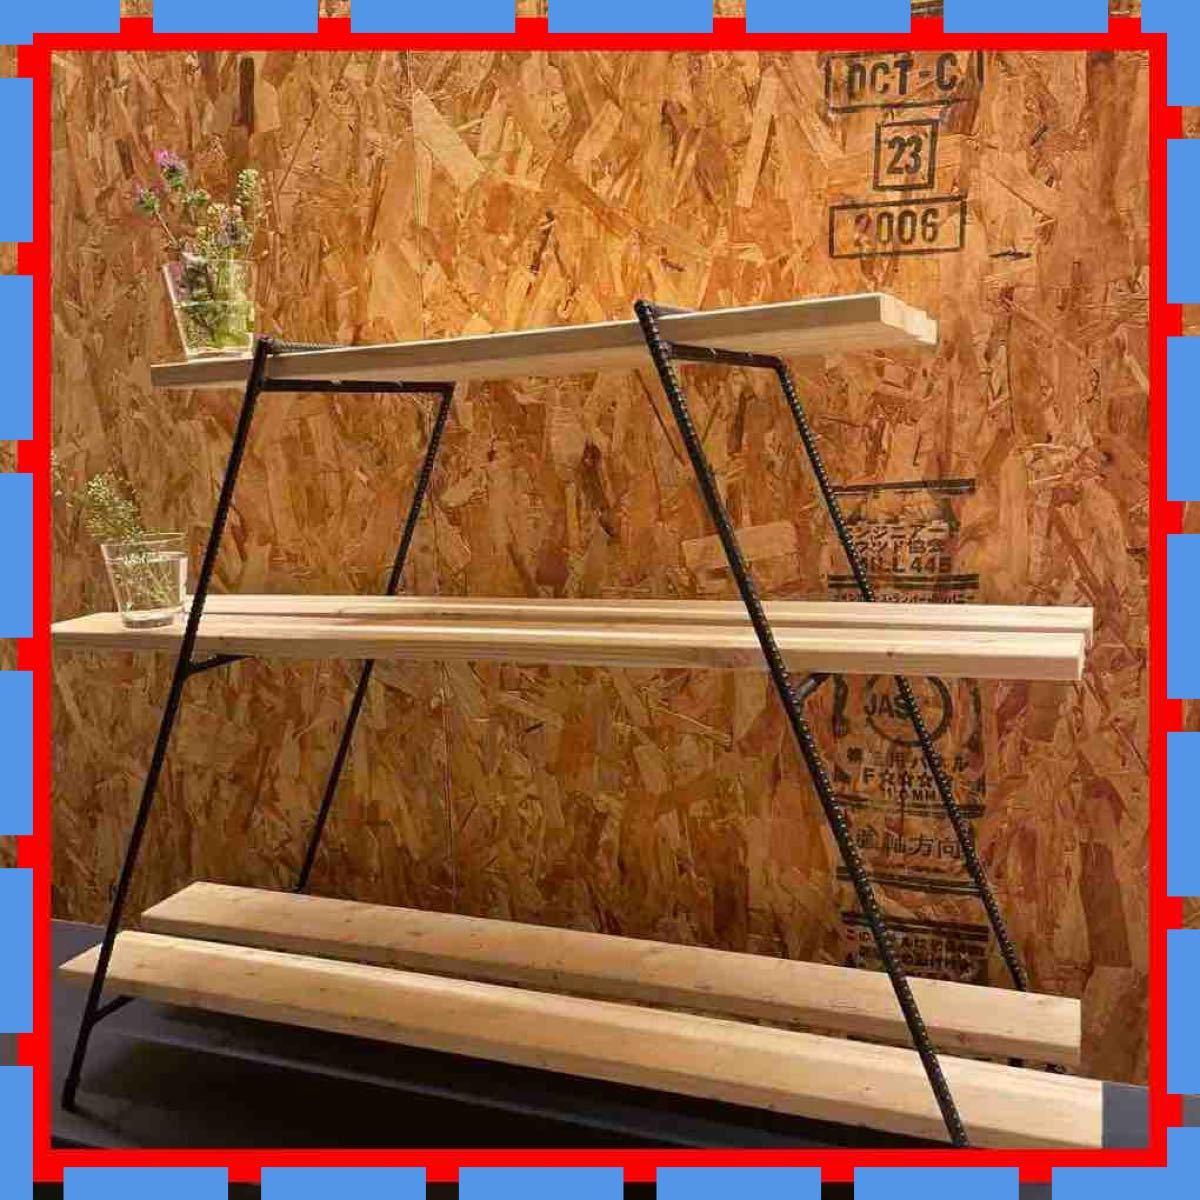 122 アイアンラック アイアンテーブル 鉄脚 アイアンシェルフ アイアンシェルフ棚 アイアンレッグ キャンプ アウトドア